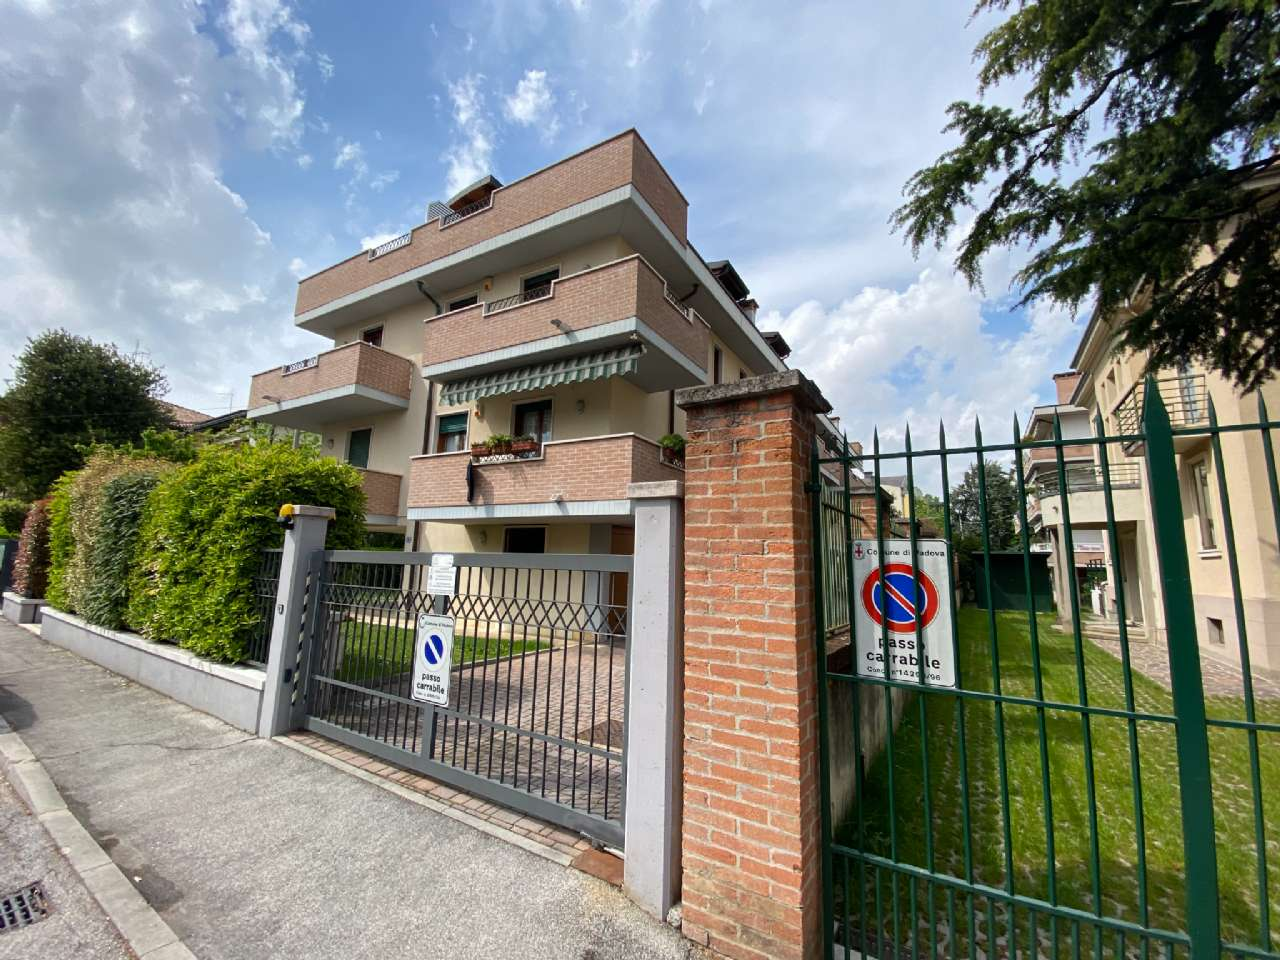 Attico, Via Monte Pasubio, Quartiere San Giuseppe, Padova, foto 15